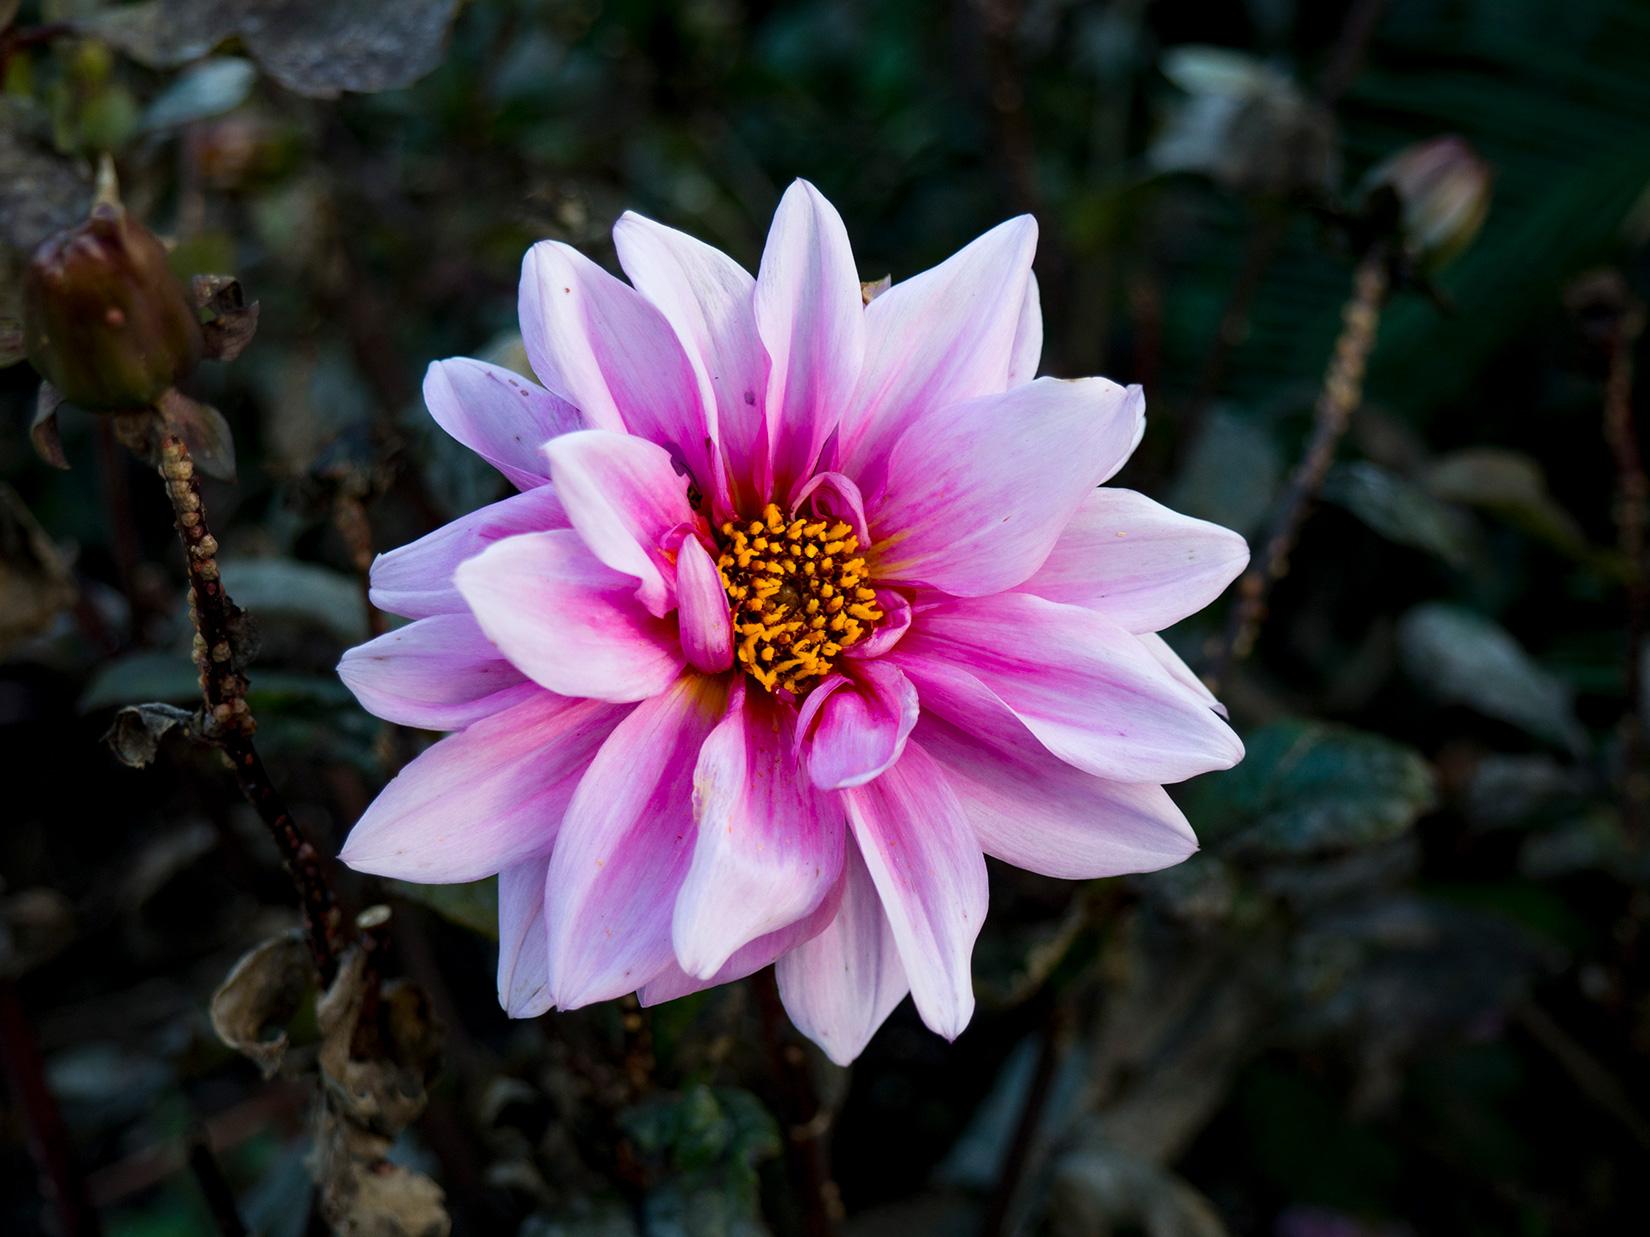 Pink Flower in Garden – FOCA